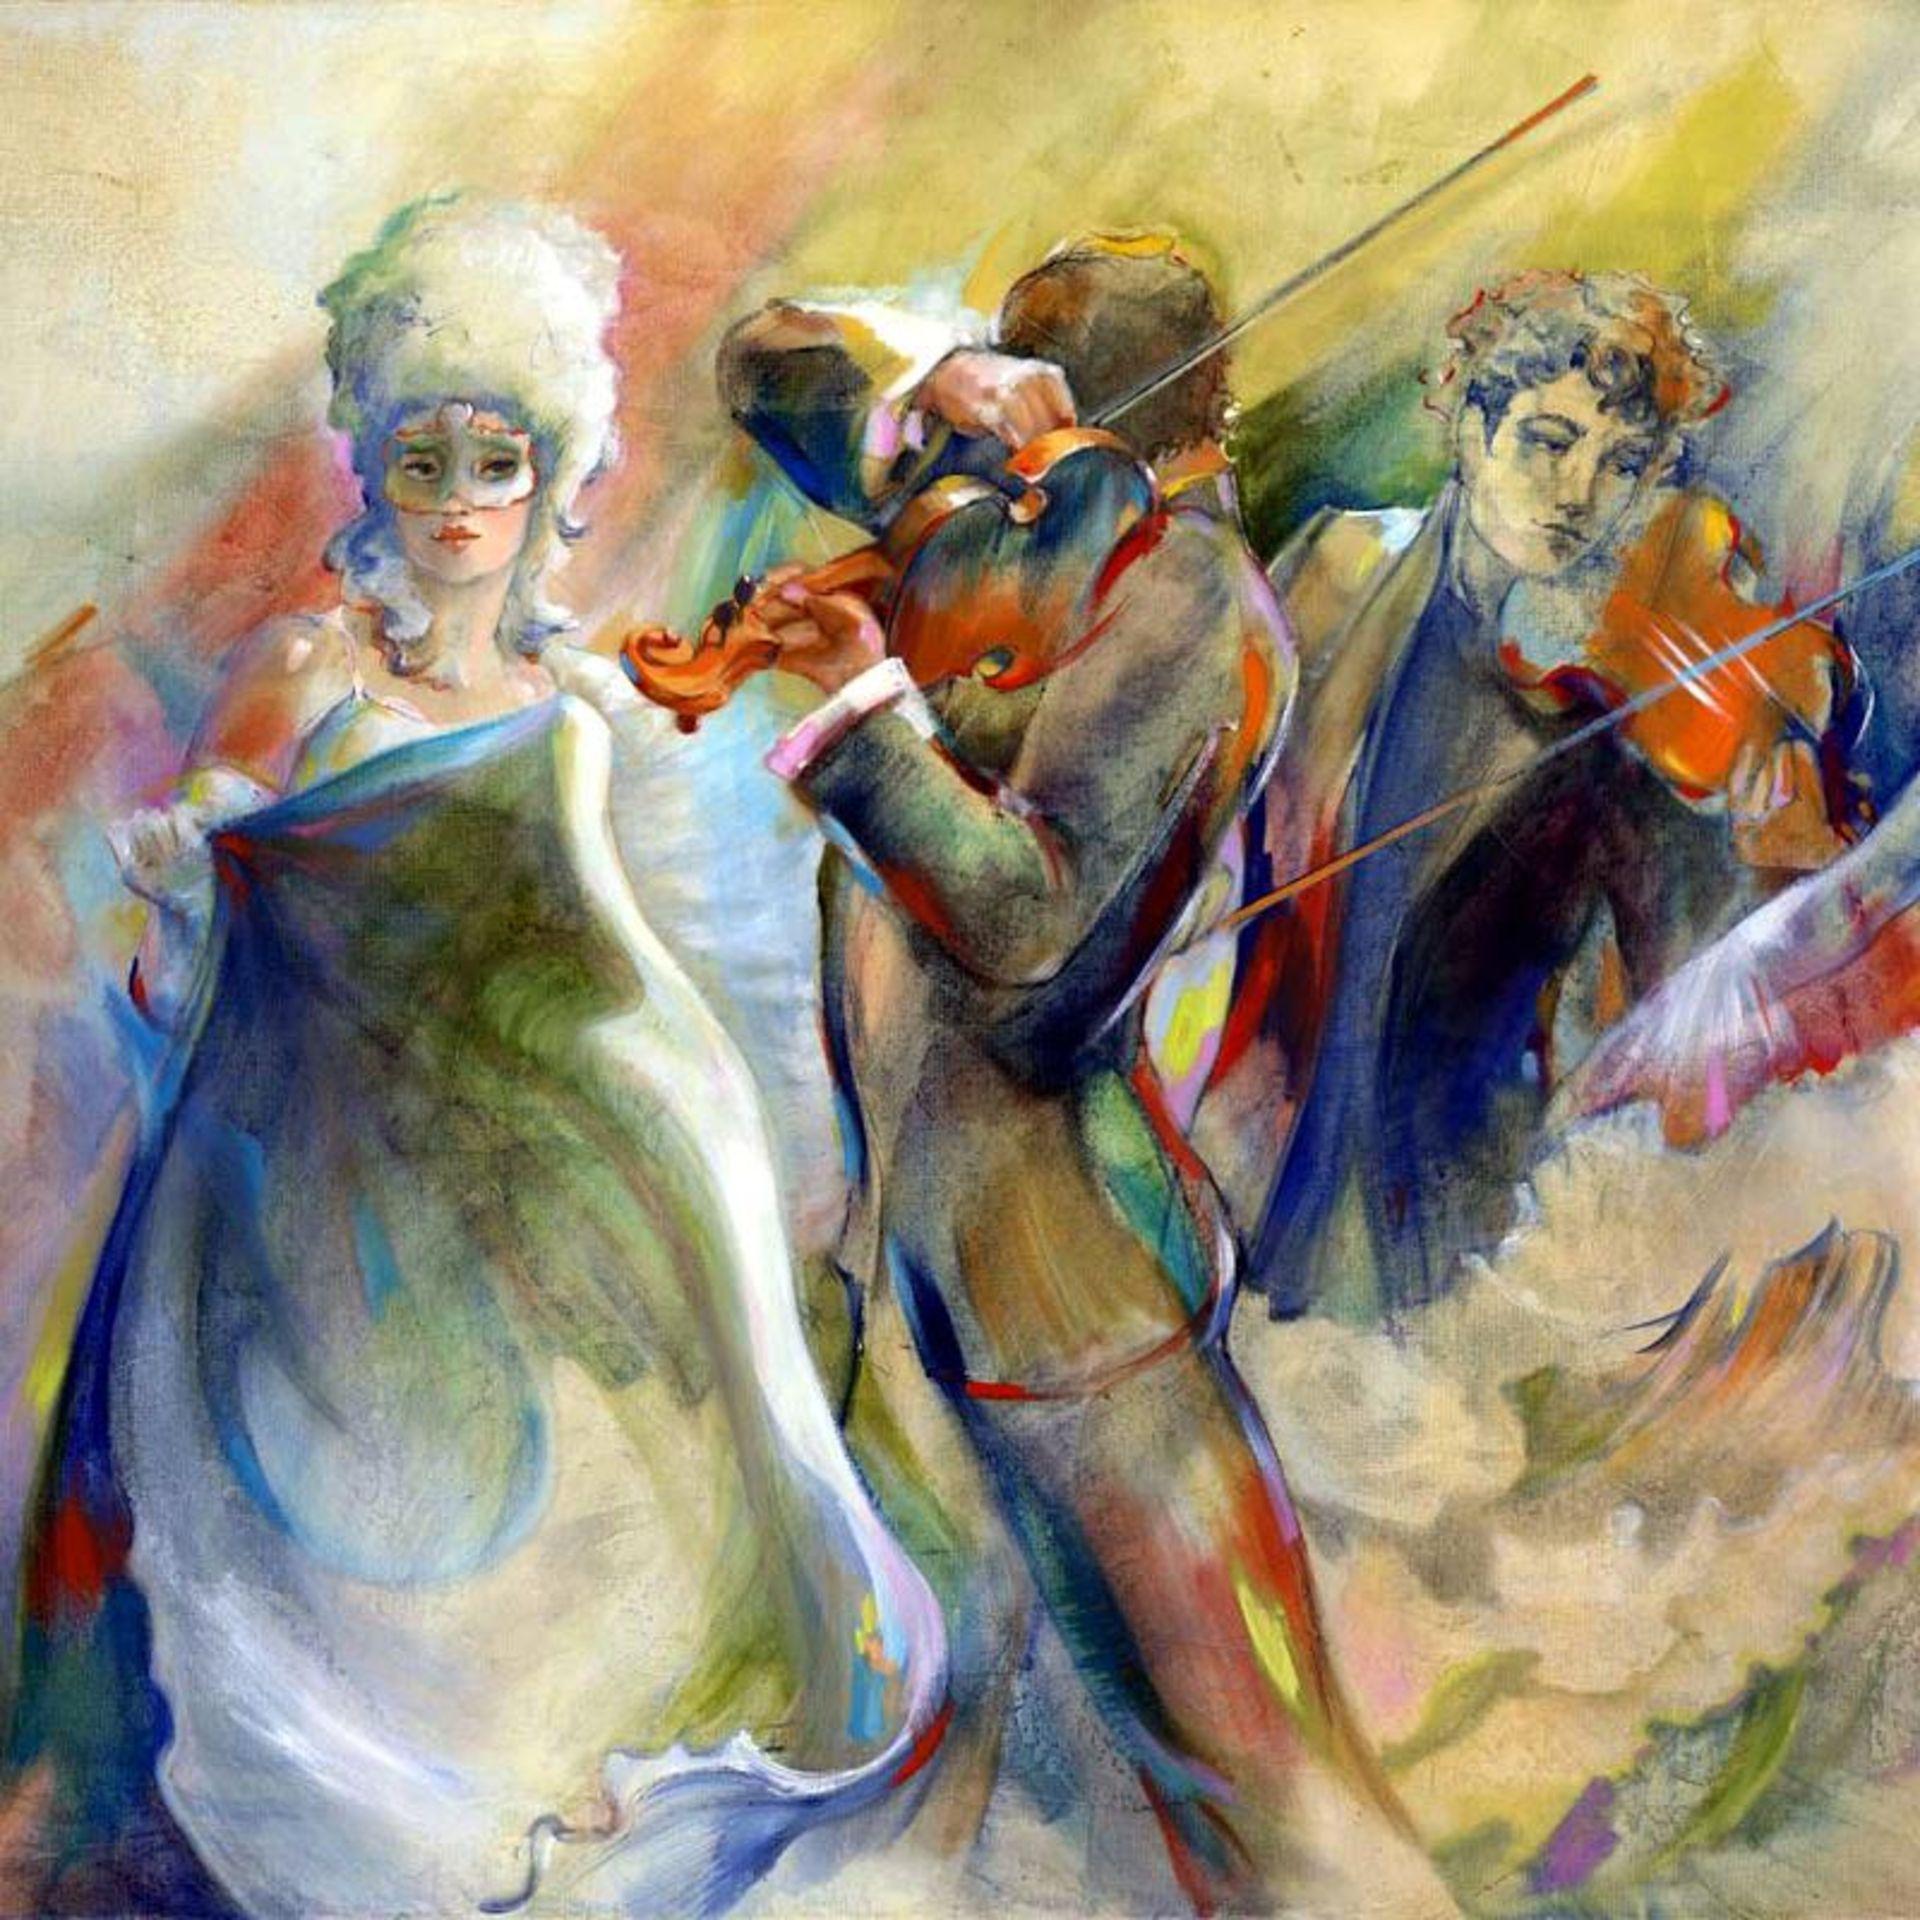 Carnival by Sotskova, Lena - Image 2 of 2